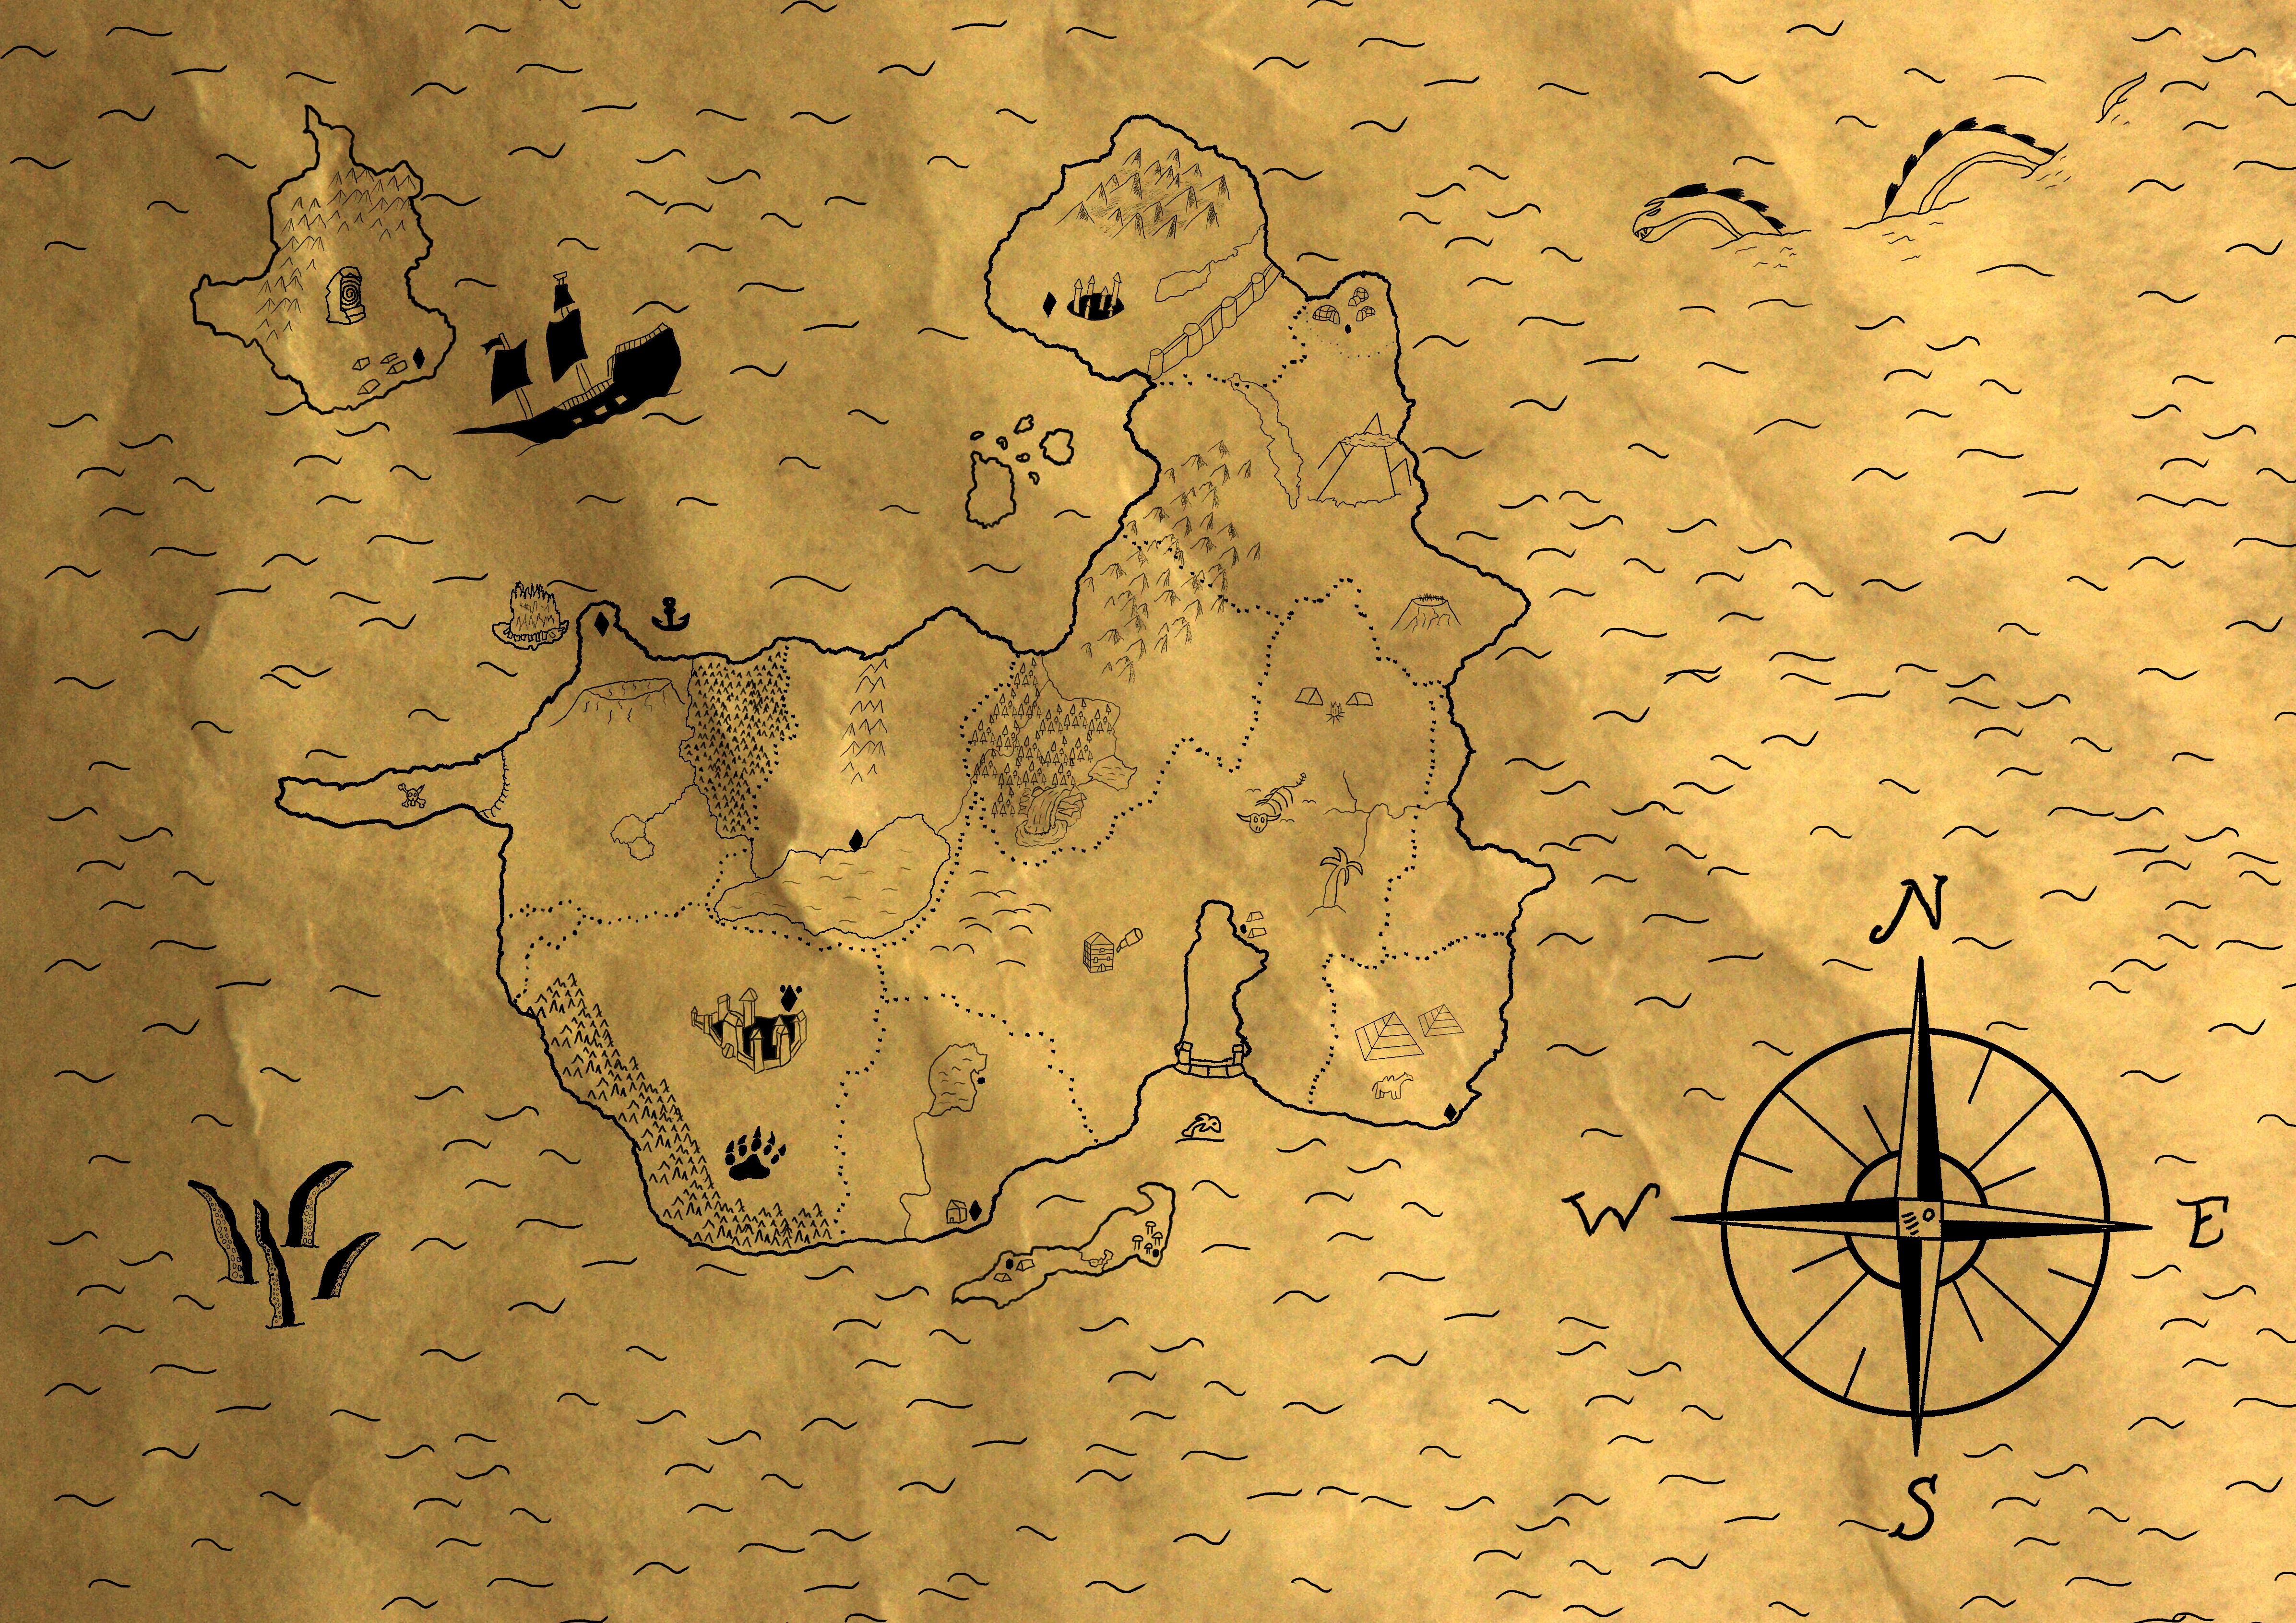 Fantasy Map On Parchment Paper By MrWubbles On Newgrounds - Us parchment map